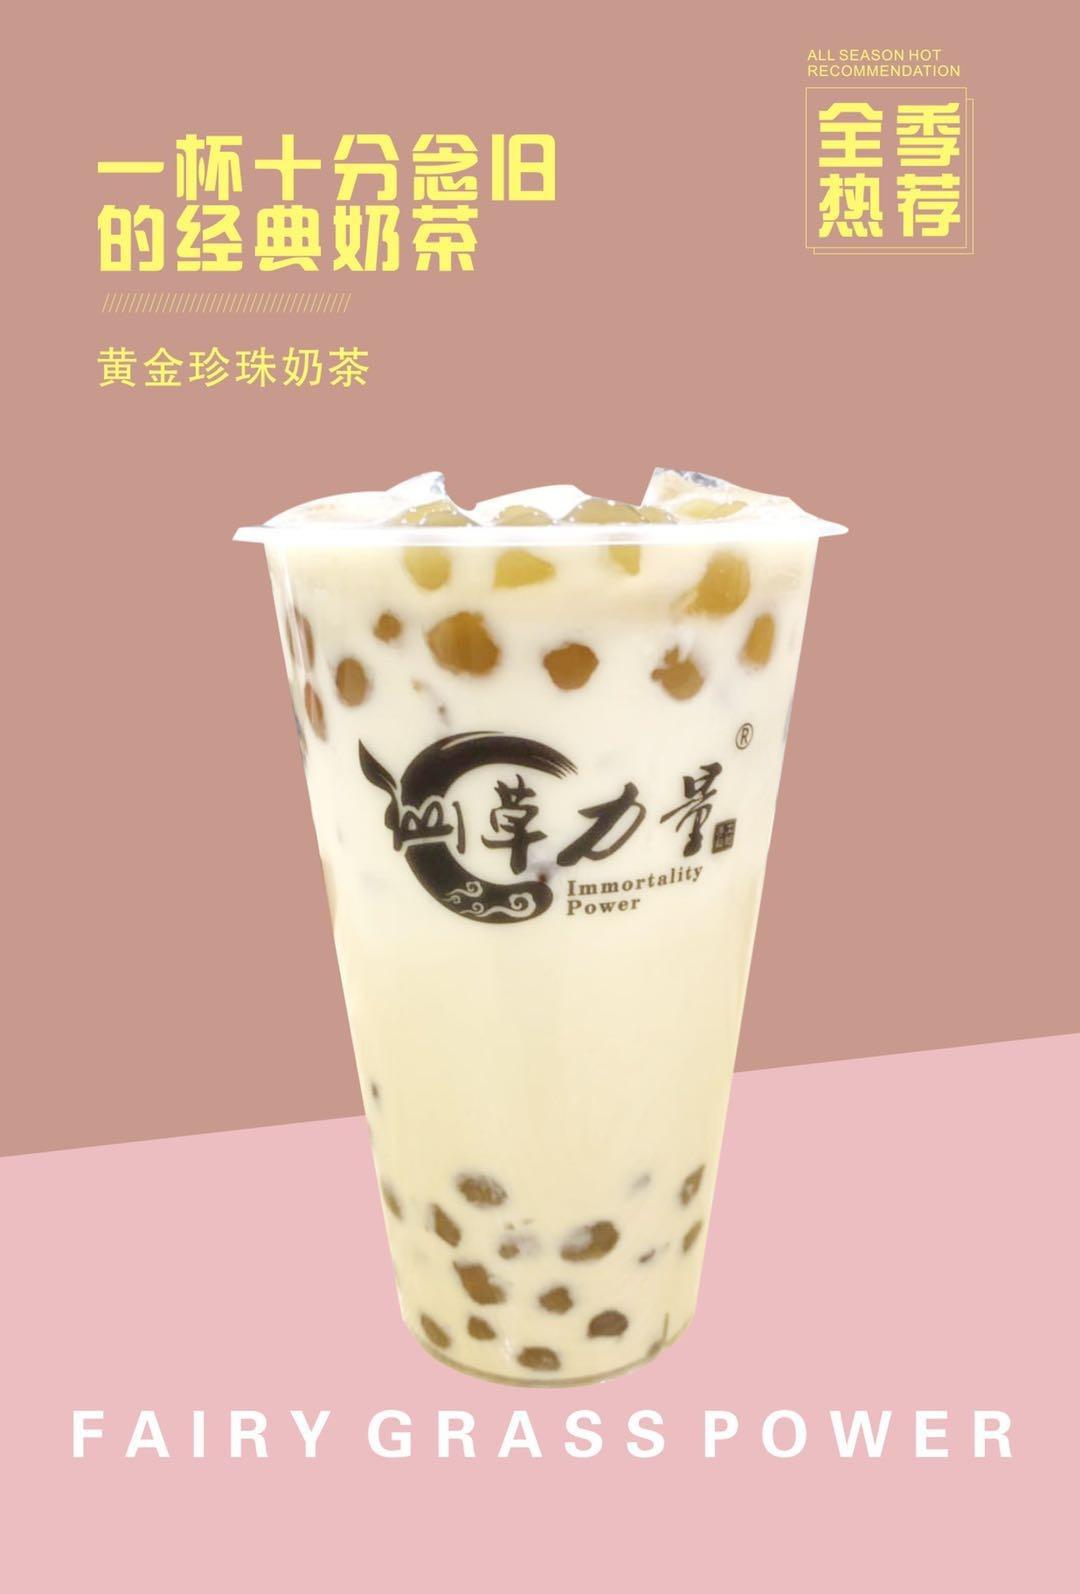 黄金珍珠奶茶